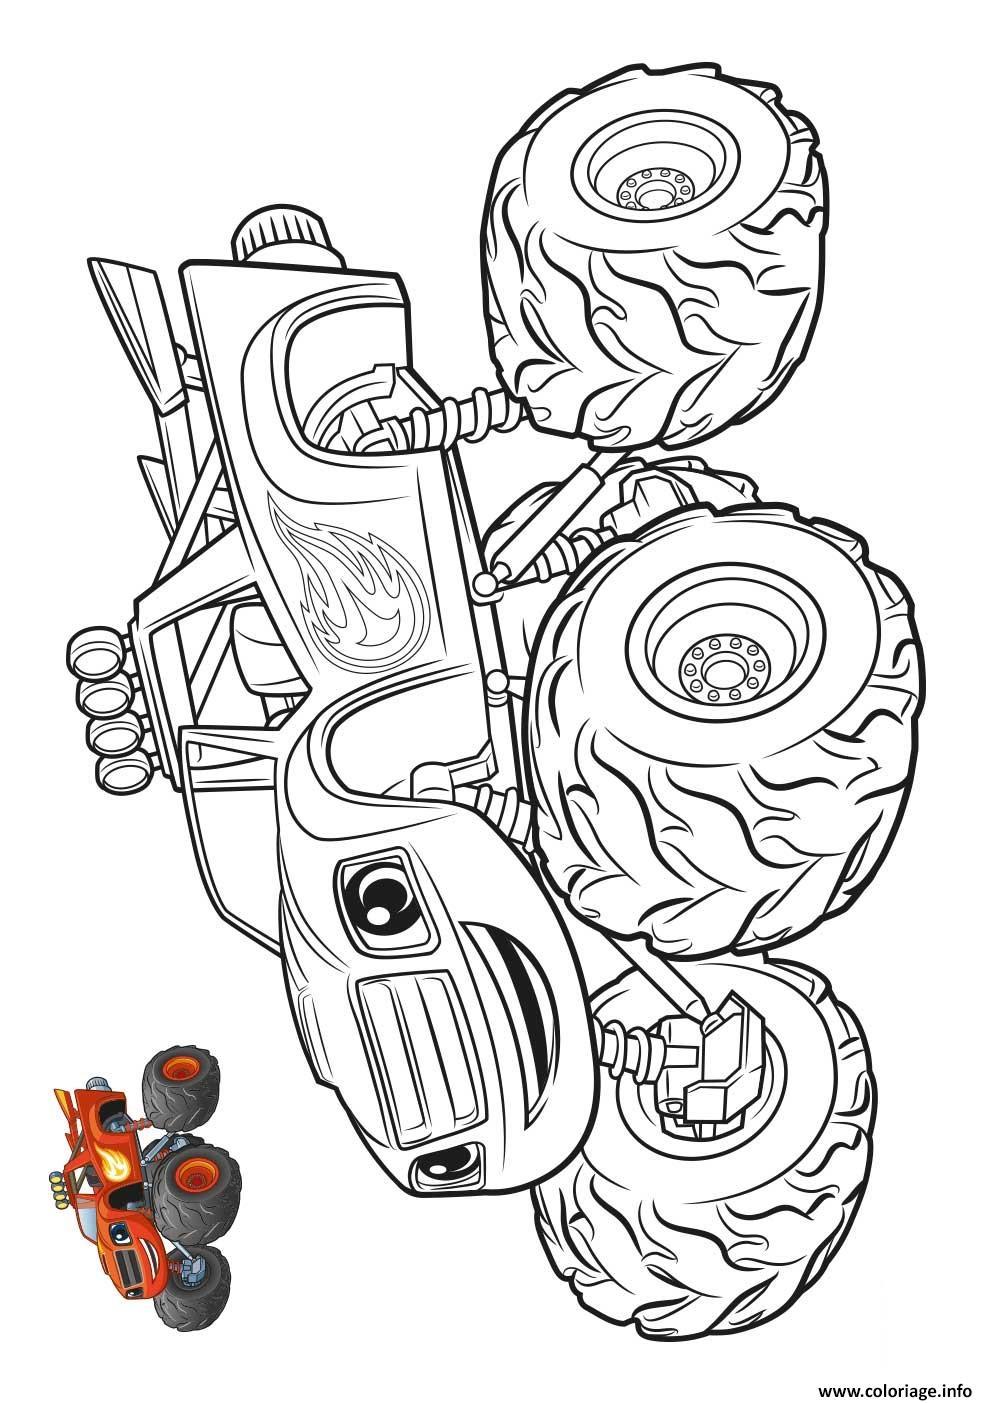 Coloriage Blaze Et Les Monsters Machines Voiture Dessin Blaze Et Les Monsters Machines A Imprimer